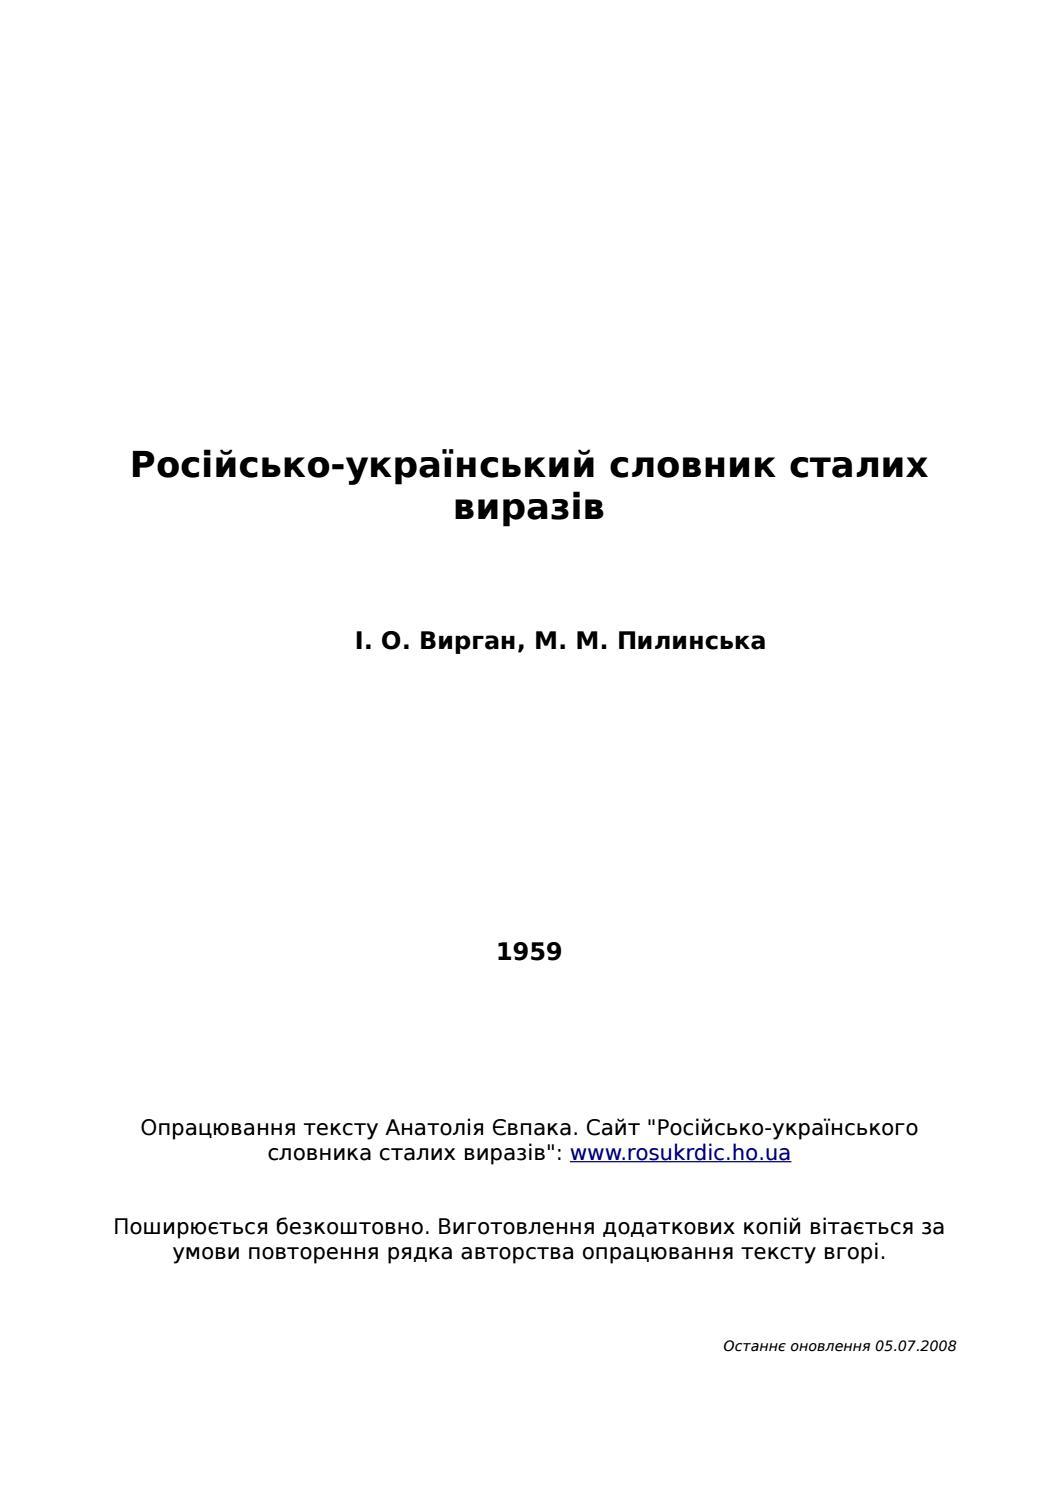 Російсько український словник сталих виразів (1959) by Vic Chetov - issuu a014a3726bd77